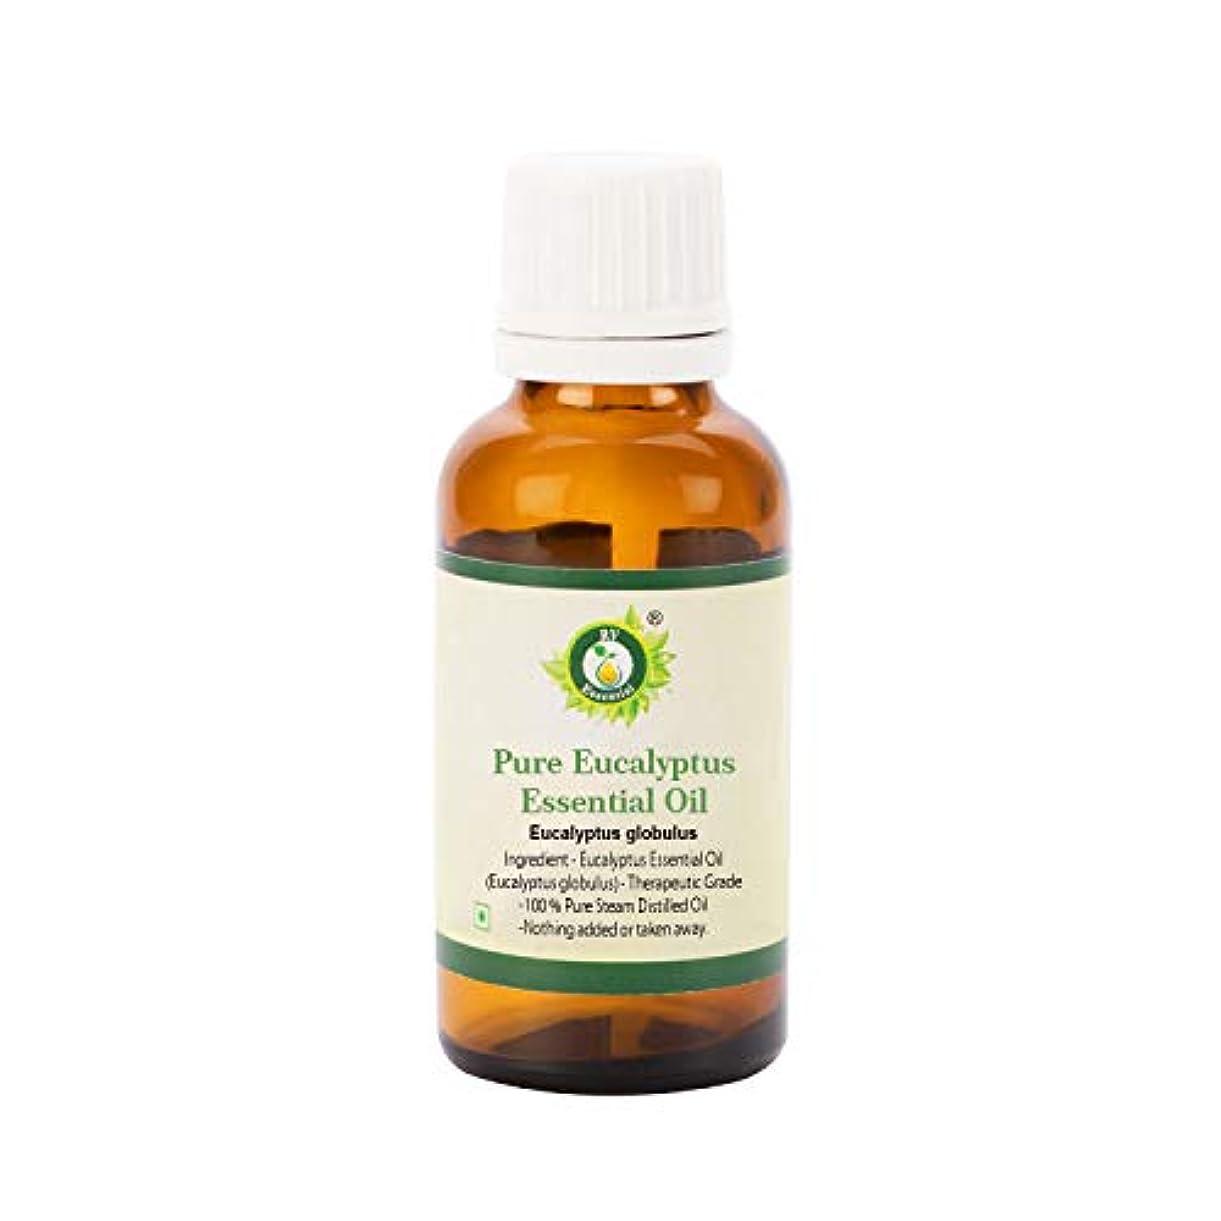 スポンサー公式たぶんR V Essential ピュアユーカリエッセンシャルオイル100ml (3.38oz)- Eucalyptus globulus (100%純粋&天然スチームDistilled) Pure Eucalyptus Essential...